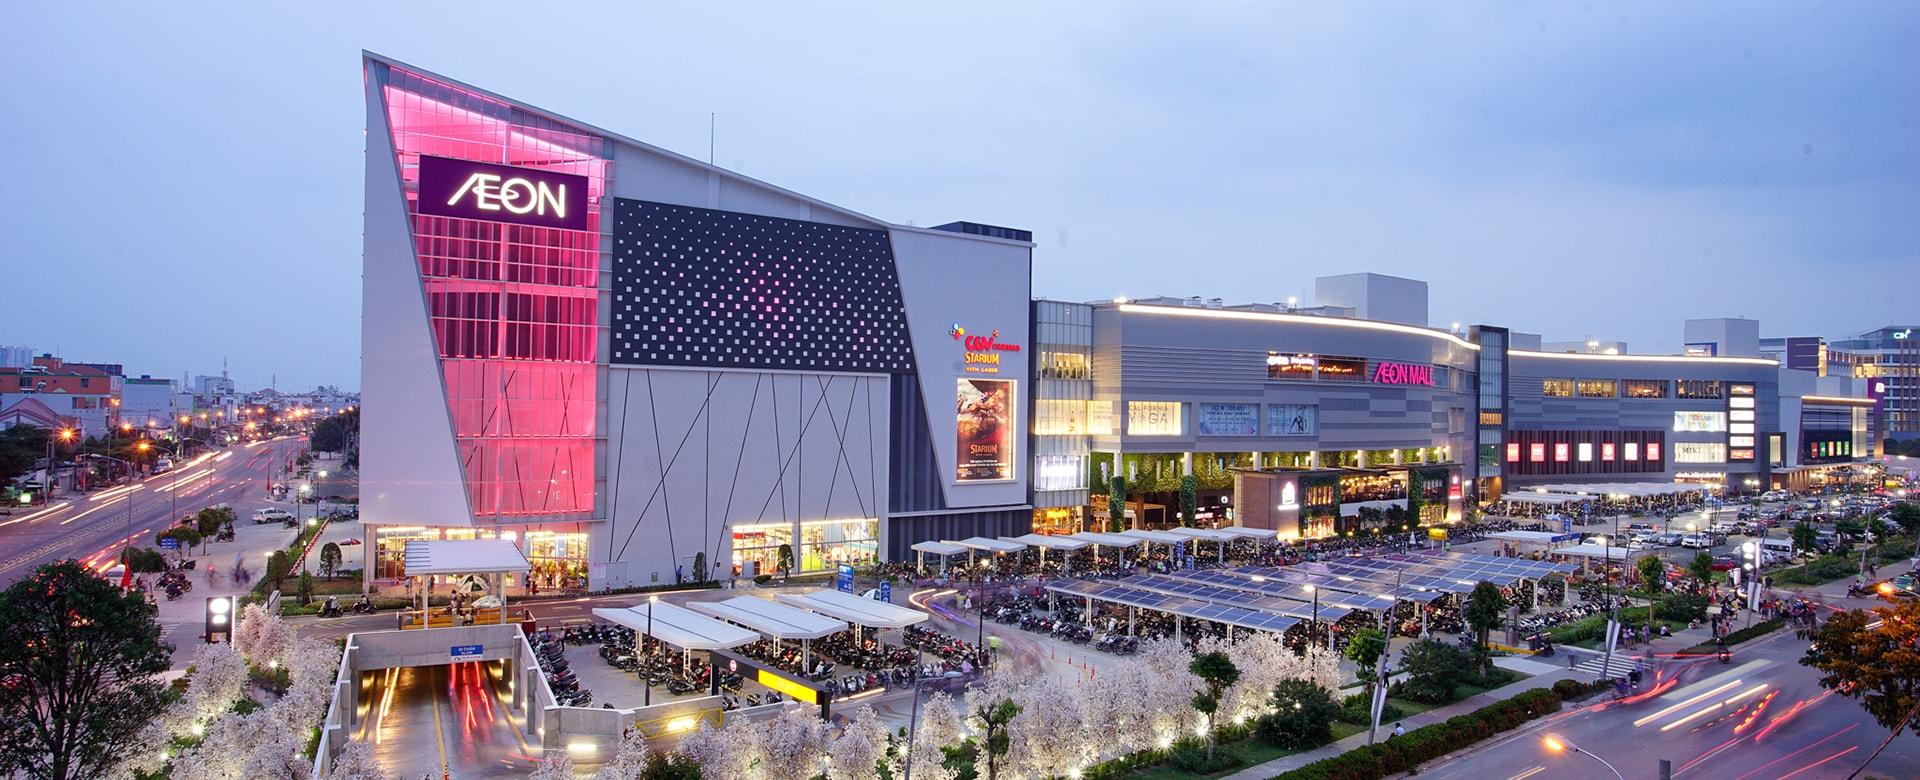 AEON MALL Hạ Long và Lotte Hạ Long sẽ được khởi công trong 3 tháng tới? - Ảnh 1.